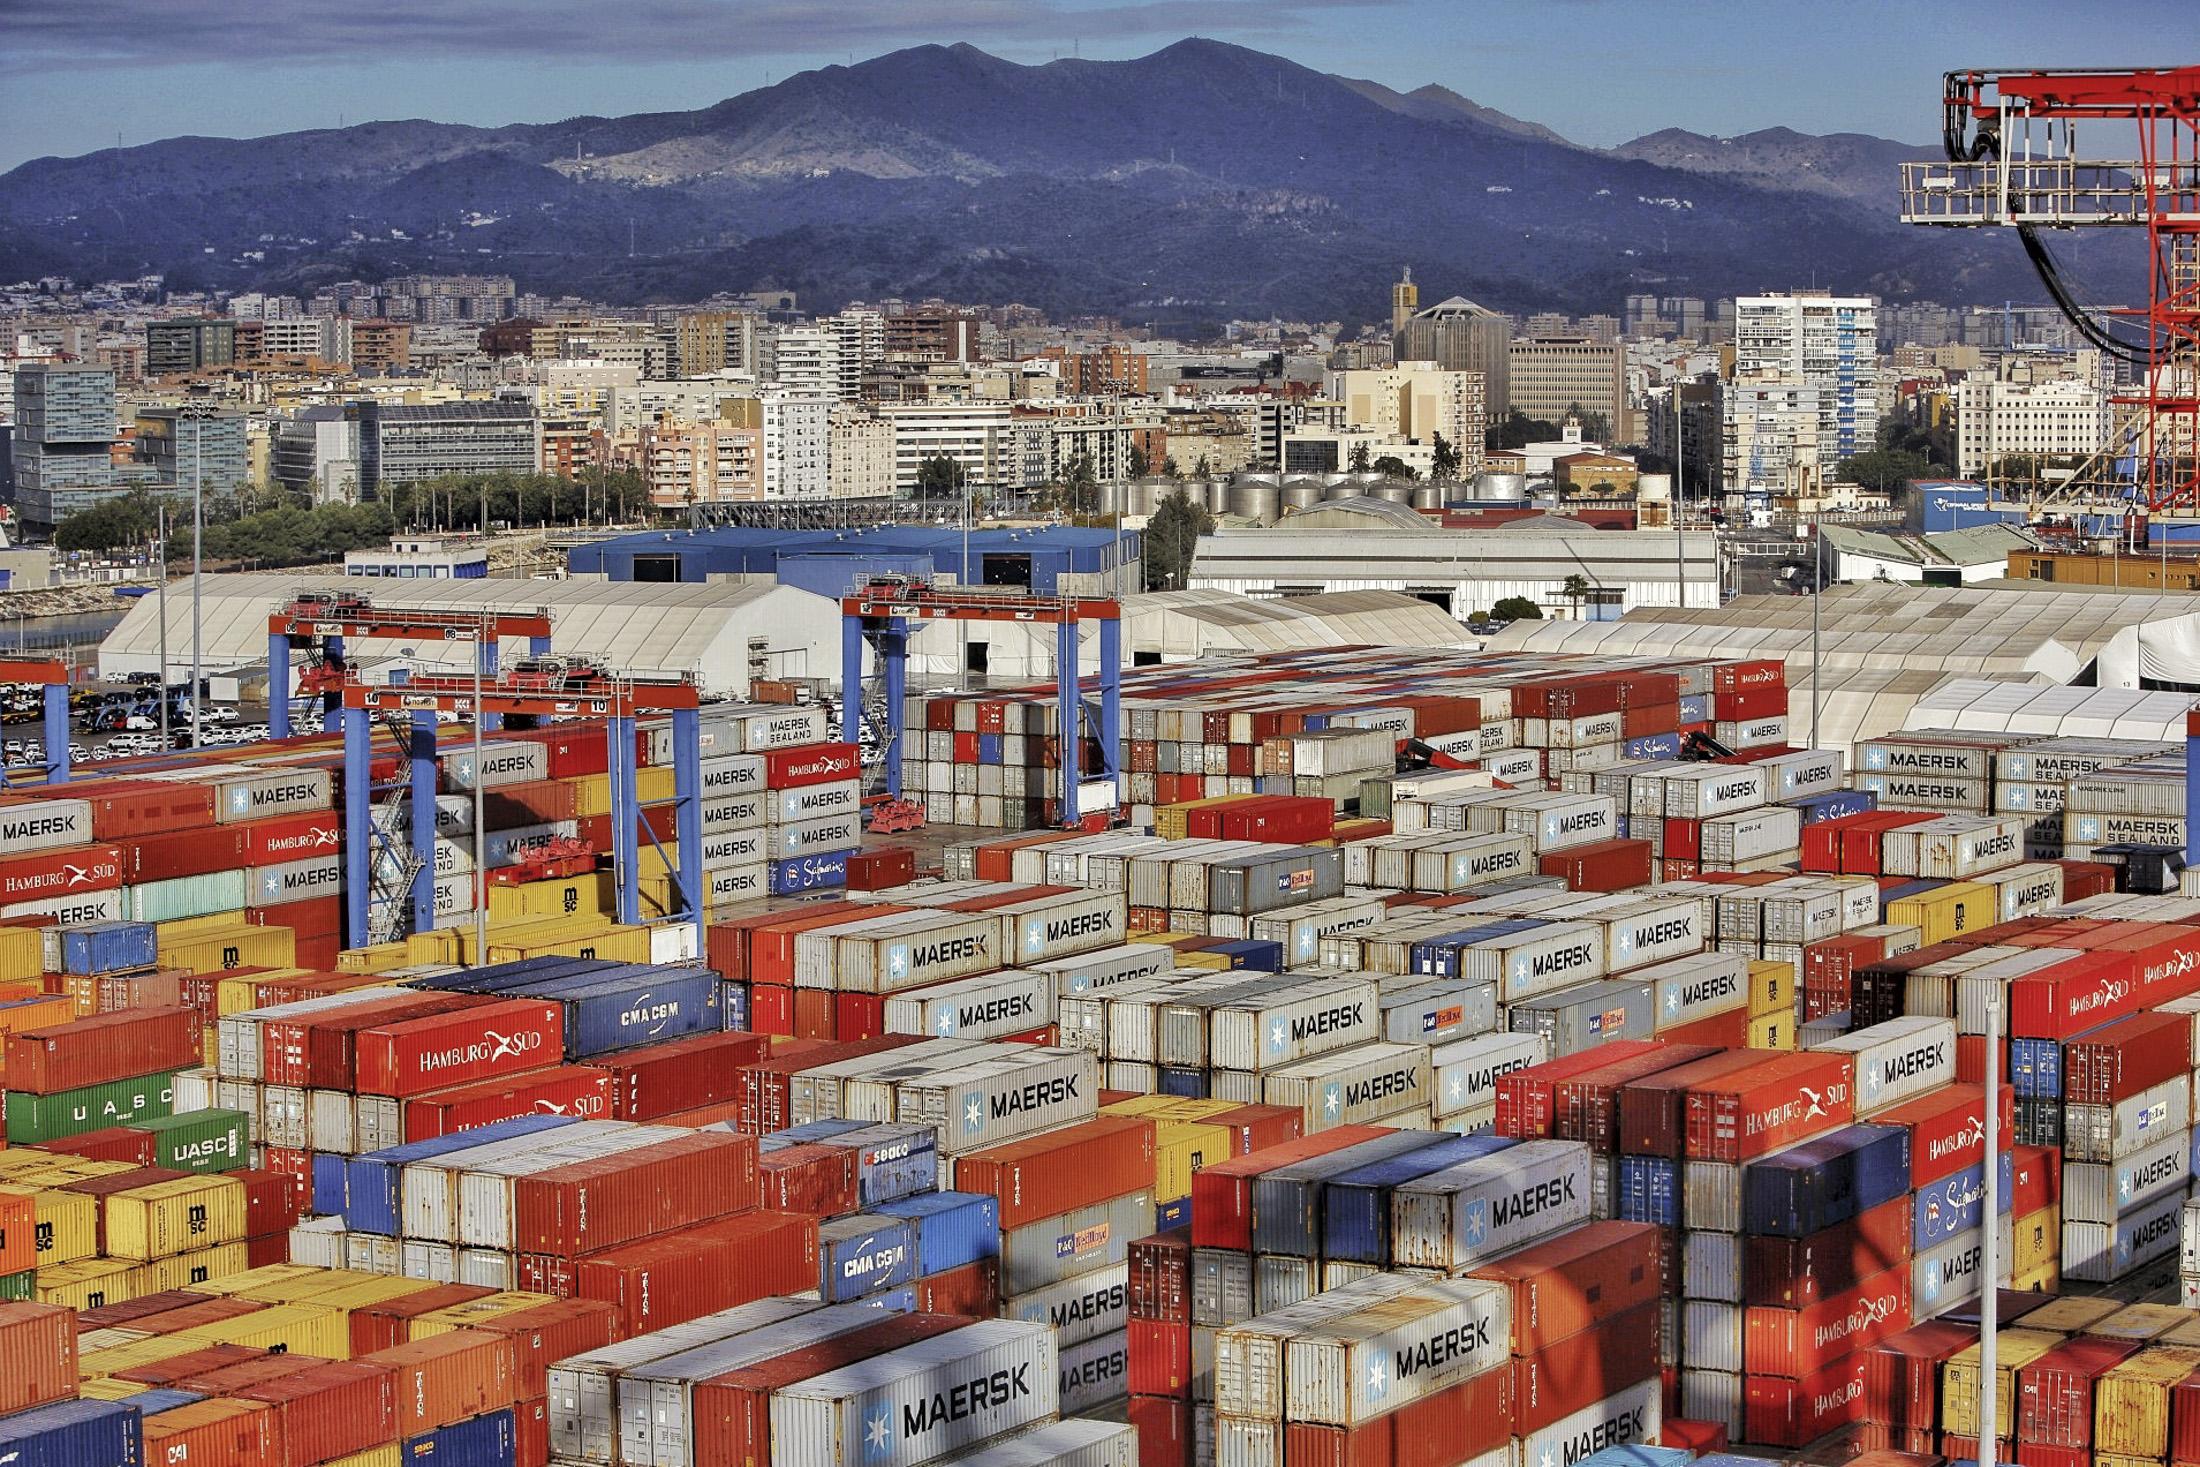 El tráfico de mercancías se ha incrementado un 14,7% en el Puerto de Málaga durante el primer trimestre de 2021